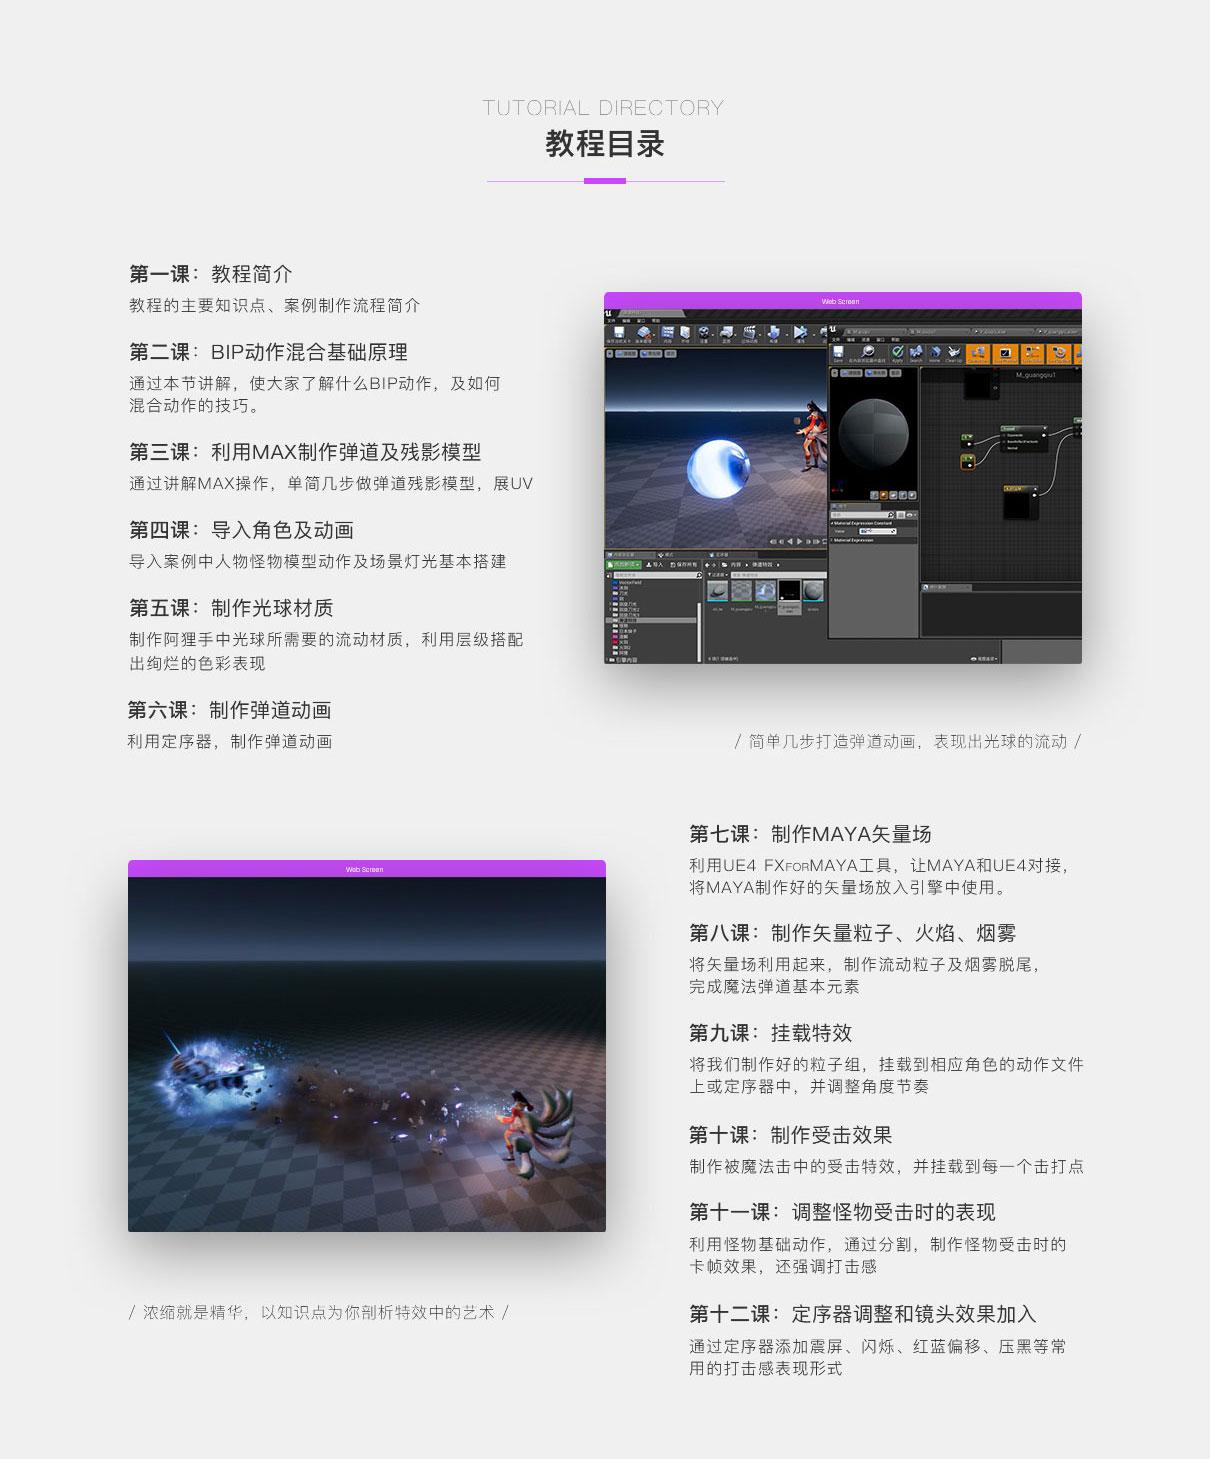 虚幻引擎4之九尾狐弹道魔法特效案例实战教程